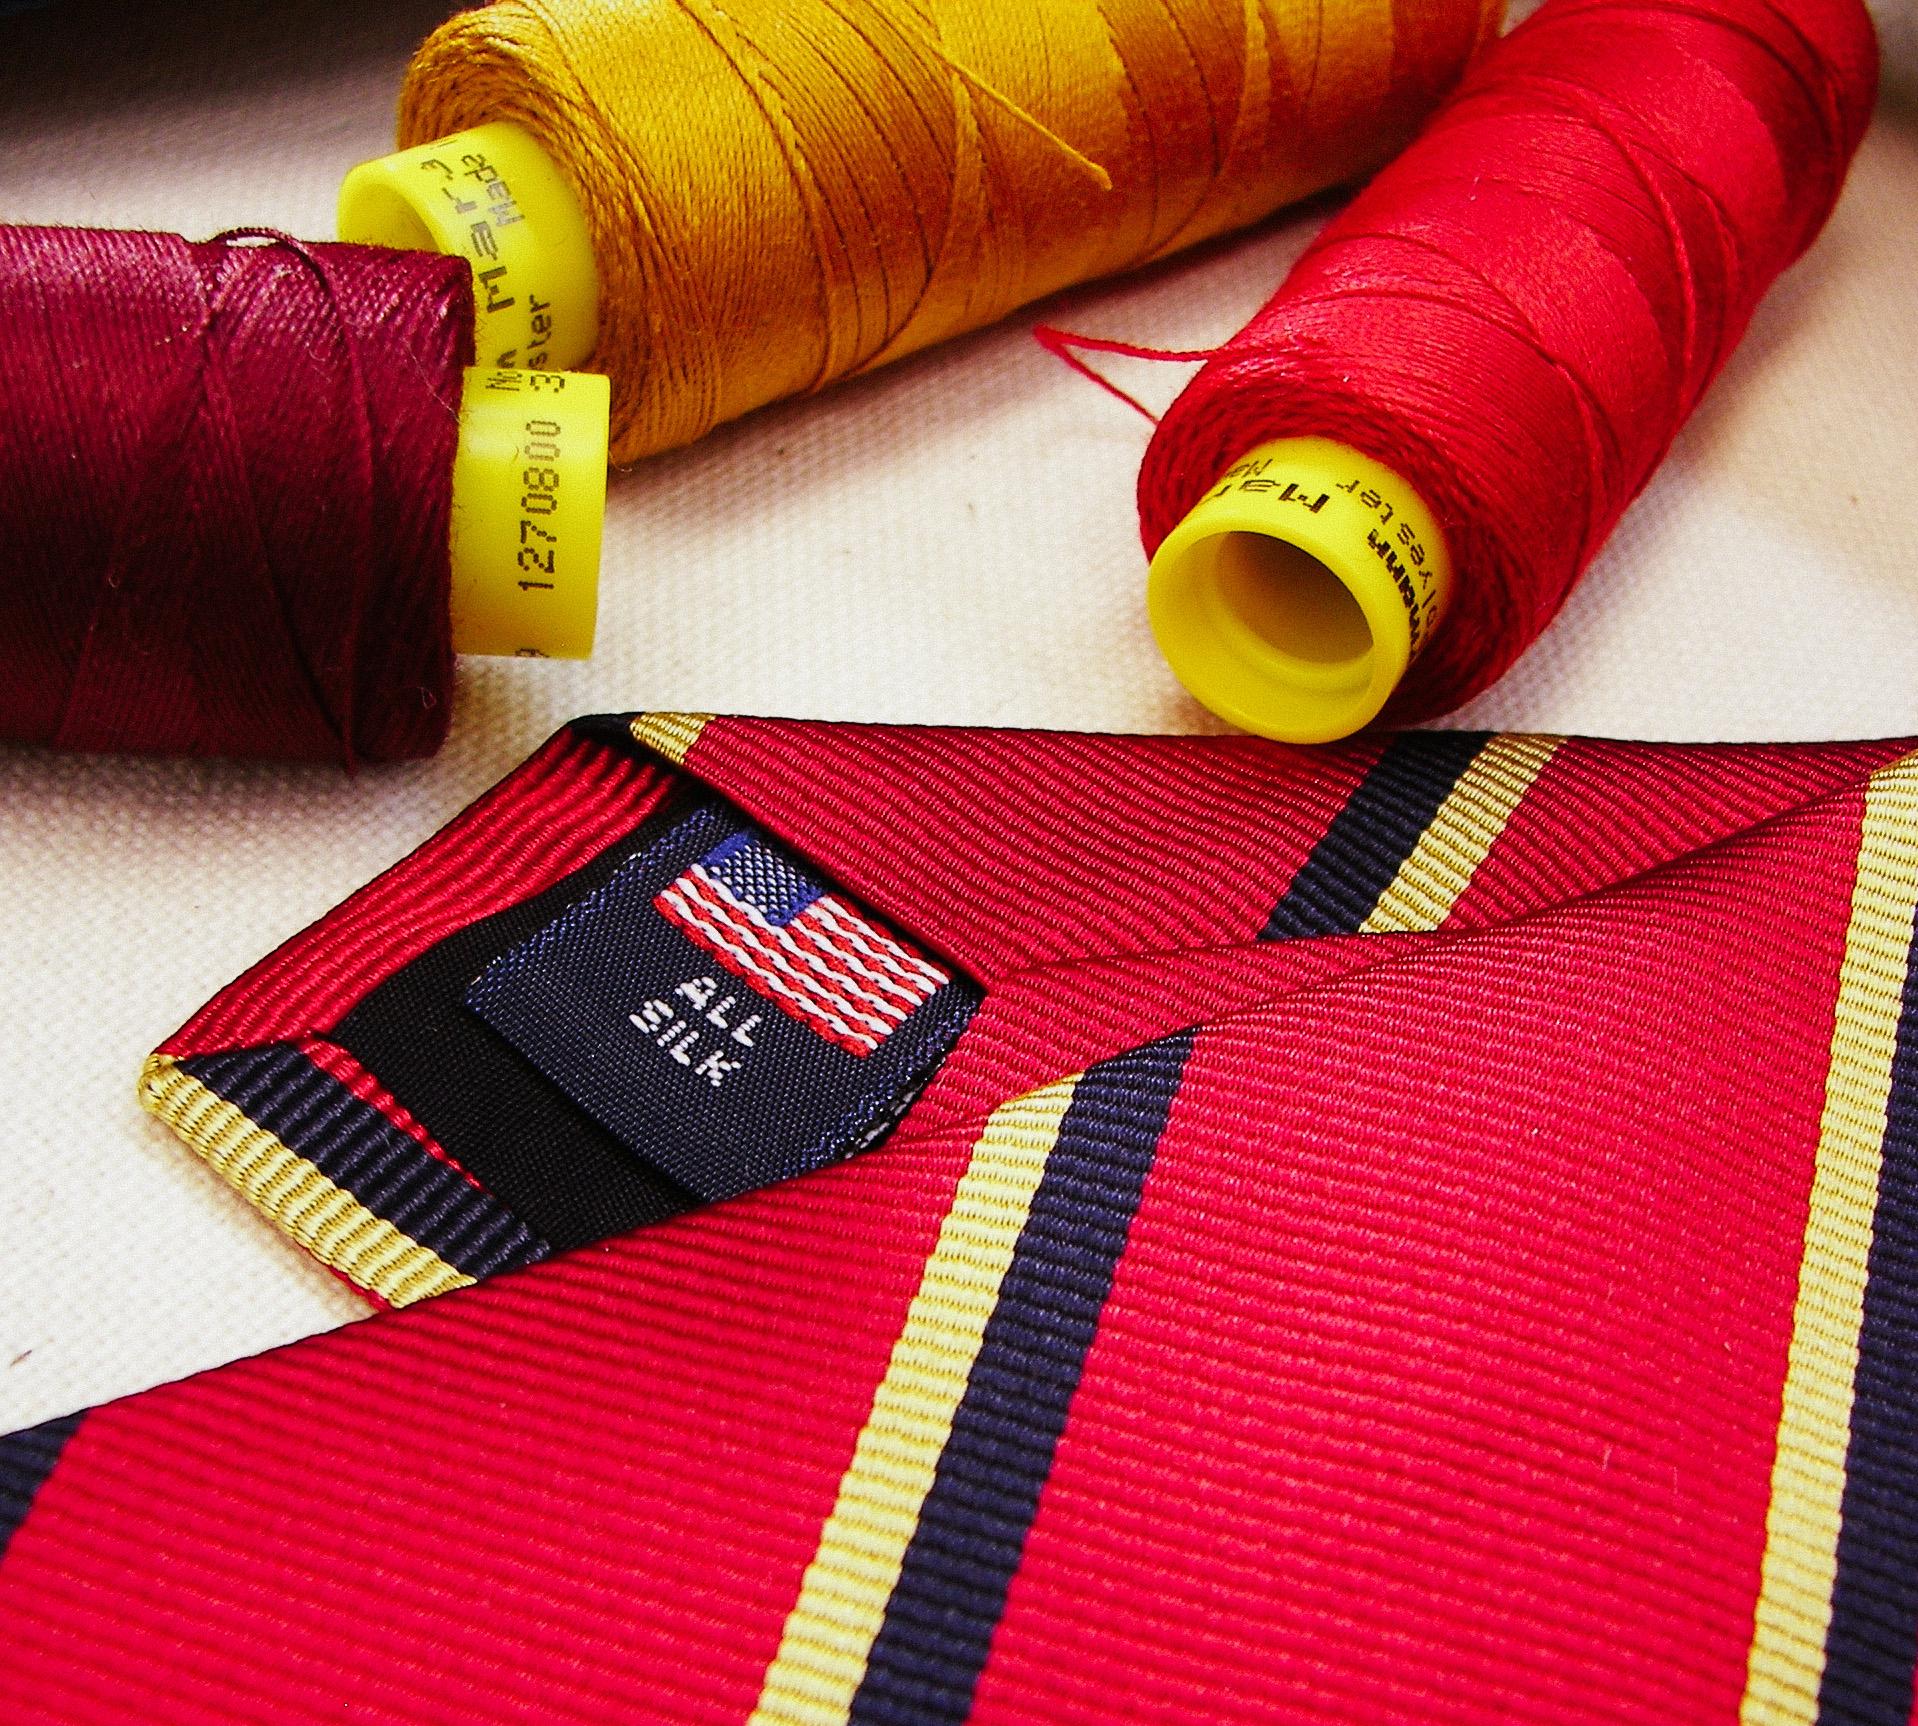 gitman-neckwear-102.jpg